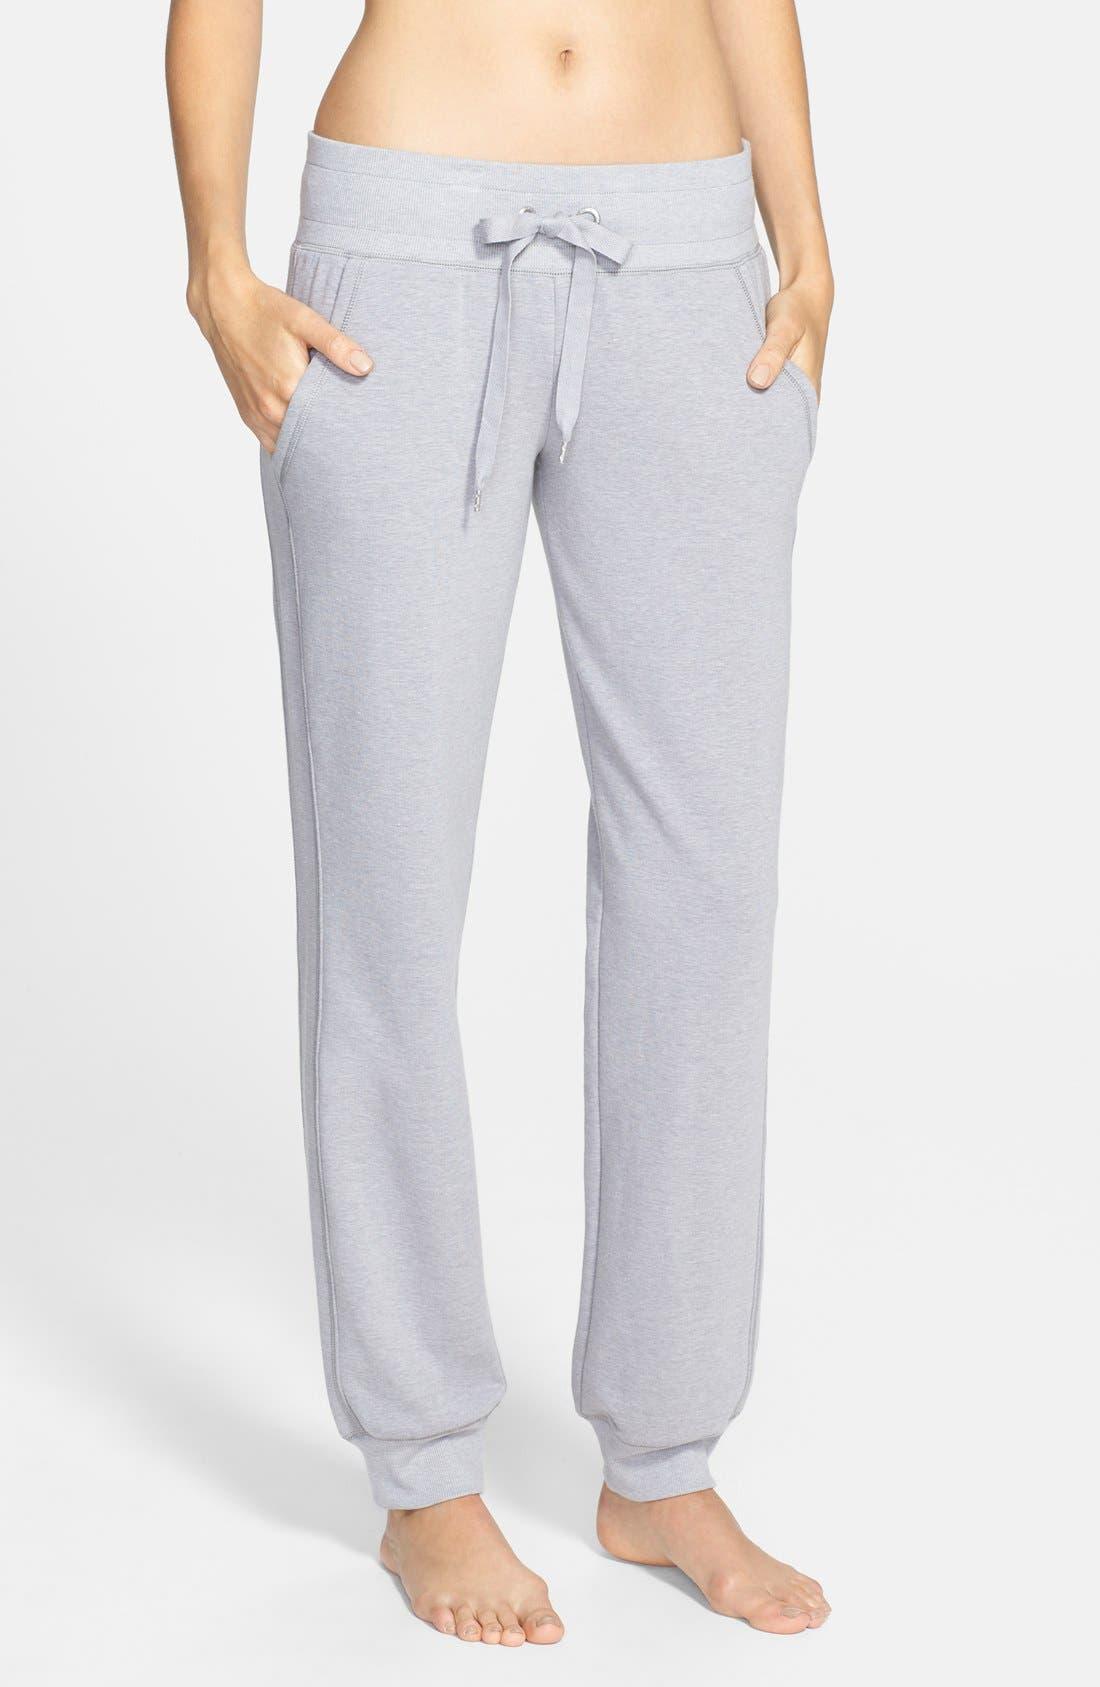 Main Image - Zella Low Rise Skinny Fleece Sweatpants (Online Only)